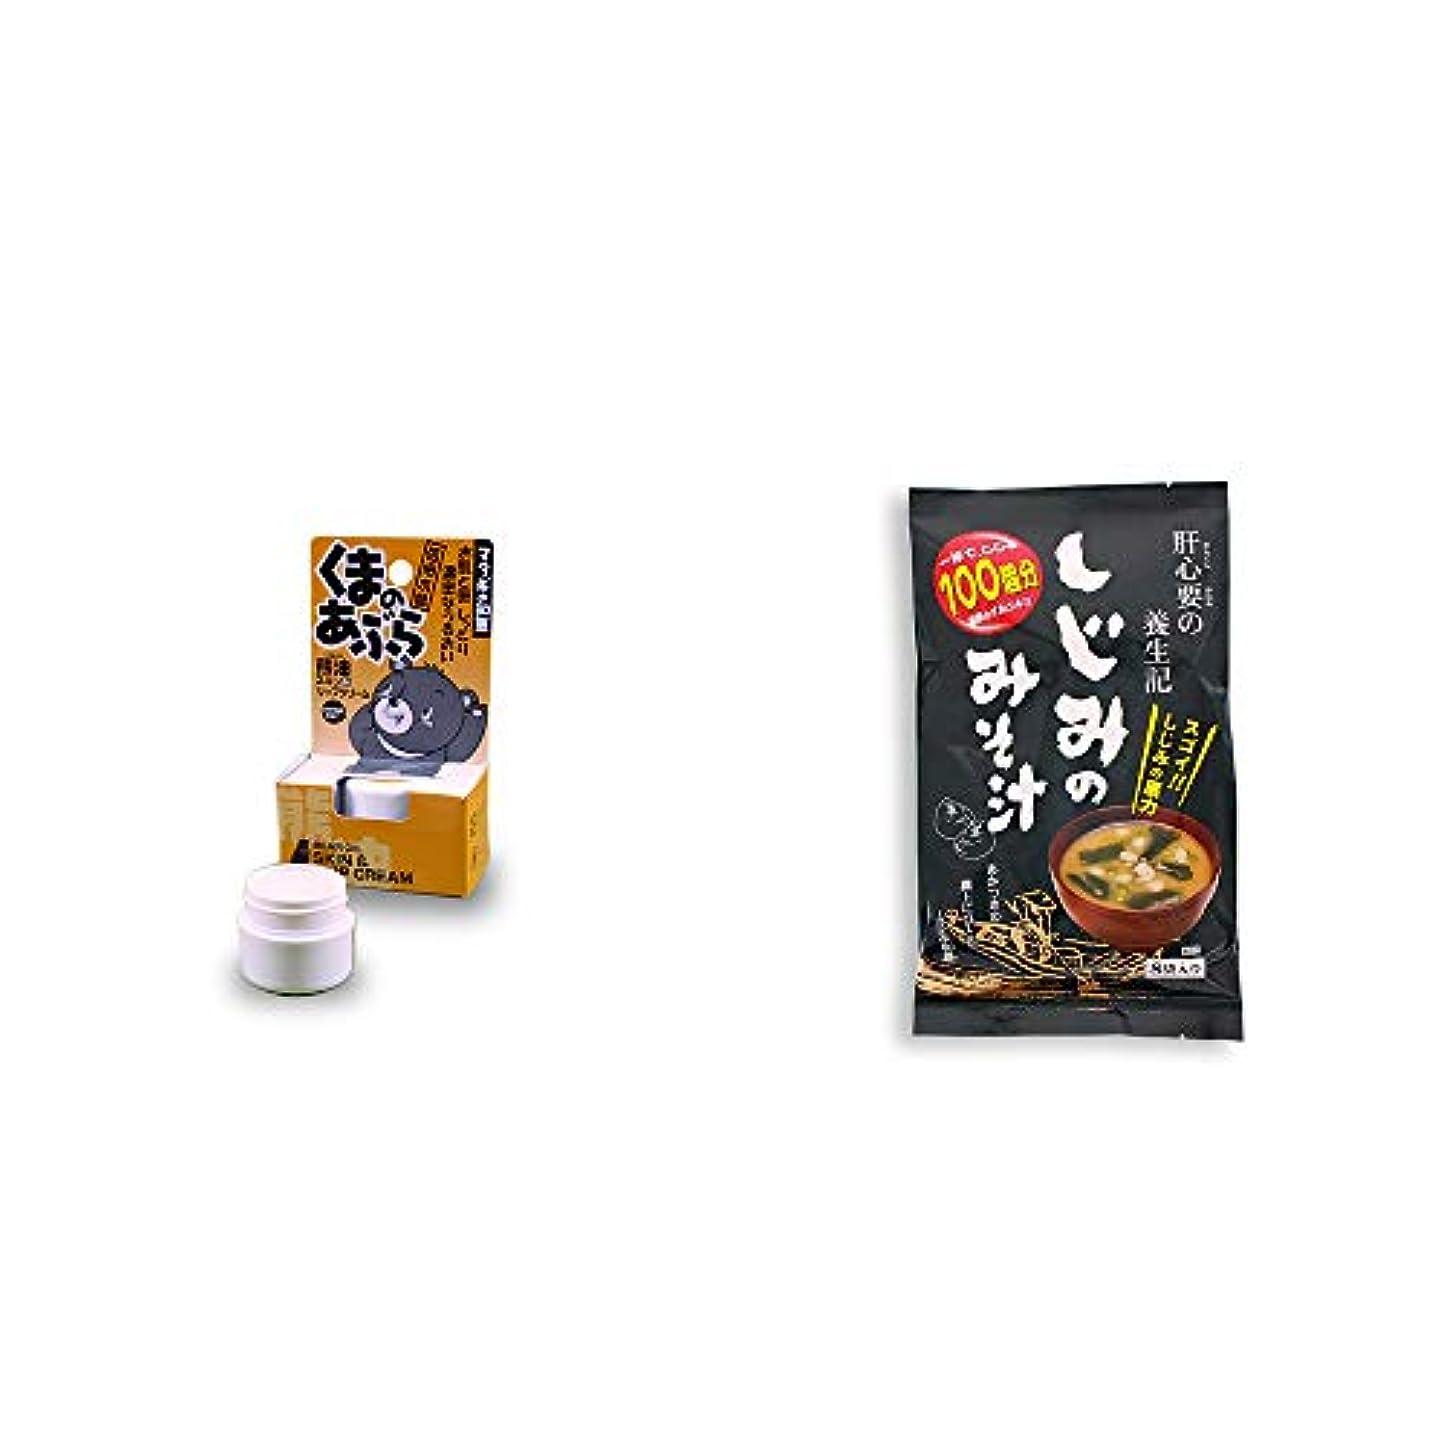 暗記する限りなく段落[2点セット] 信州木曽 くまのあぶら 熊油スキン&リップクリーム(9g)?肝心要の養生記 しじみのみそ汁(56g(7g×8袋))